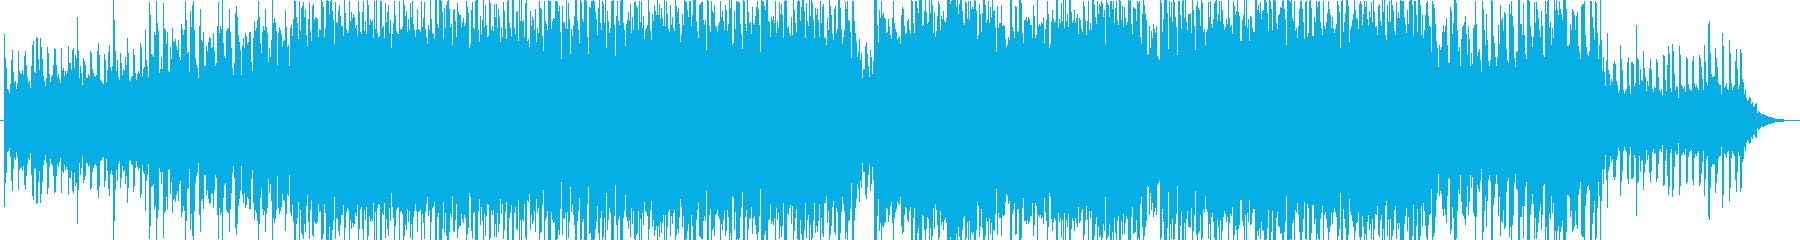 ストーリー性豊かなトロピカルハウス曲の再生済みの波形